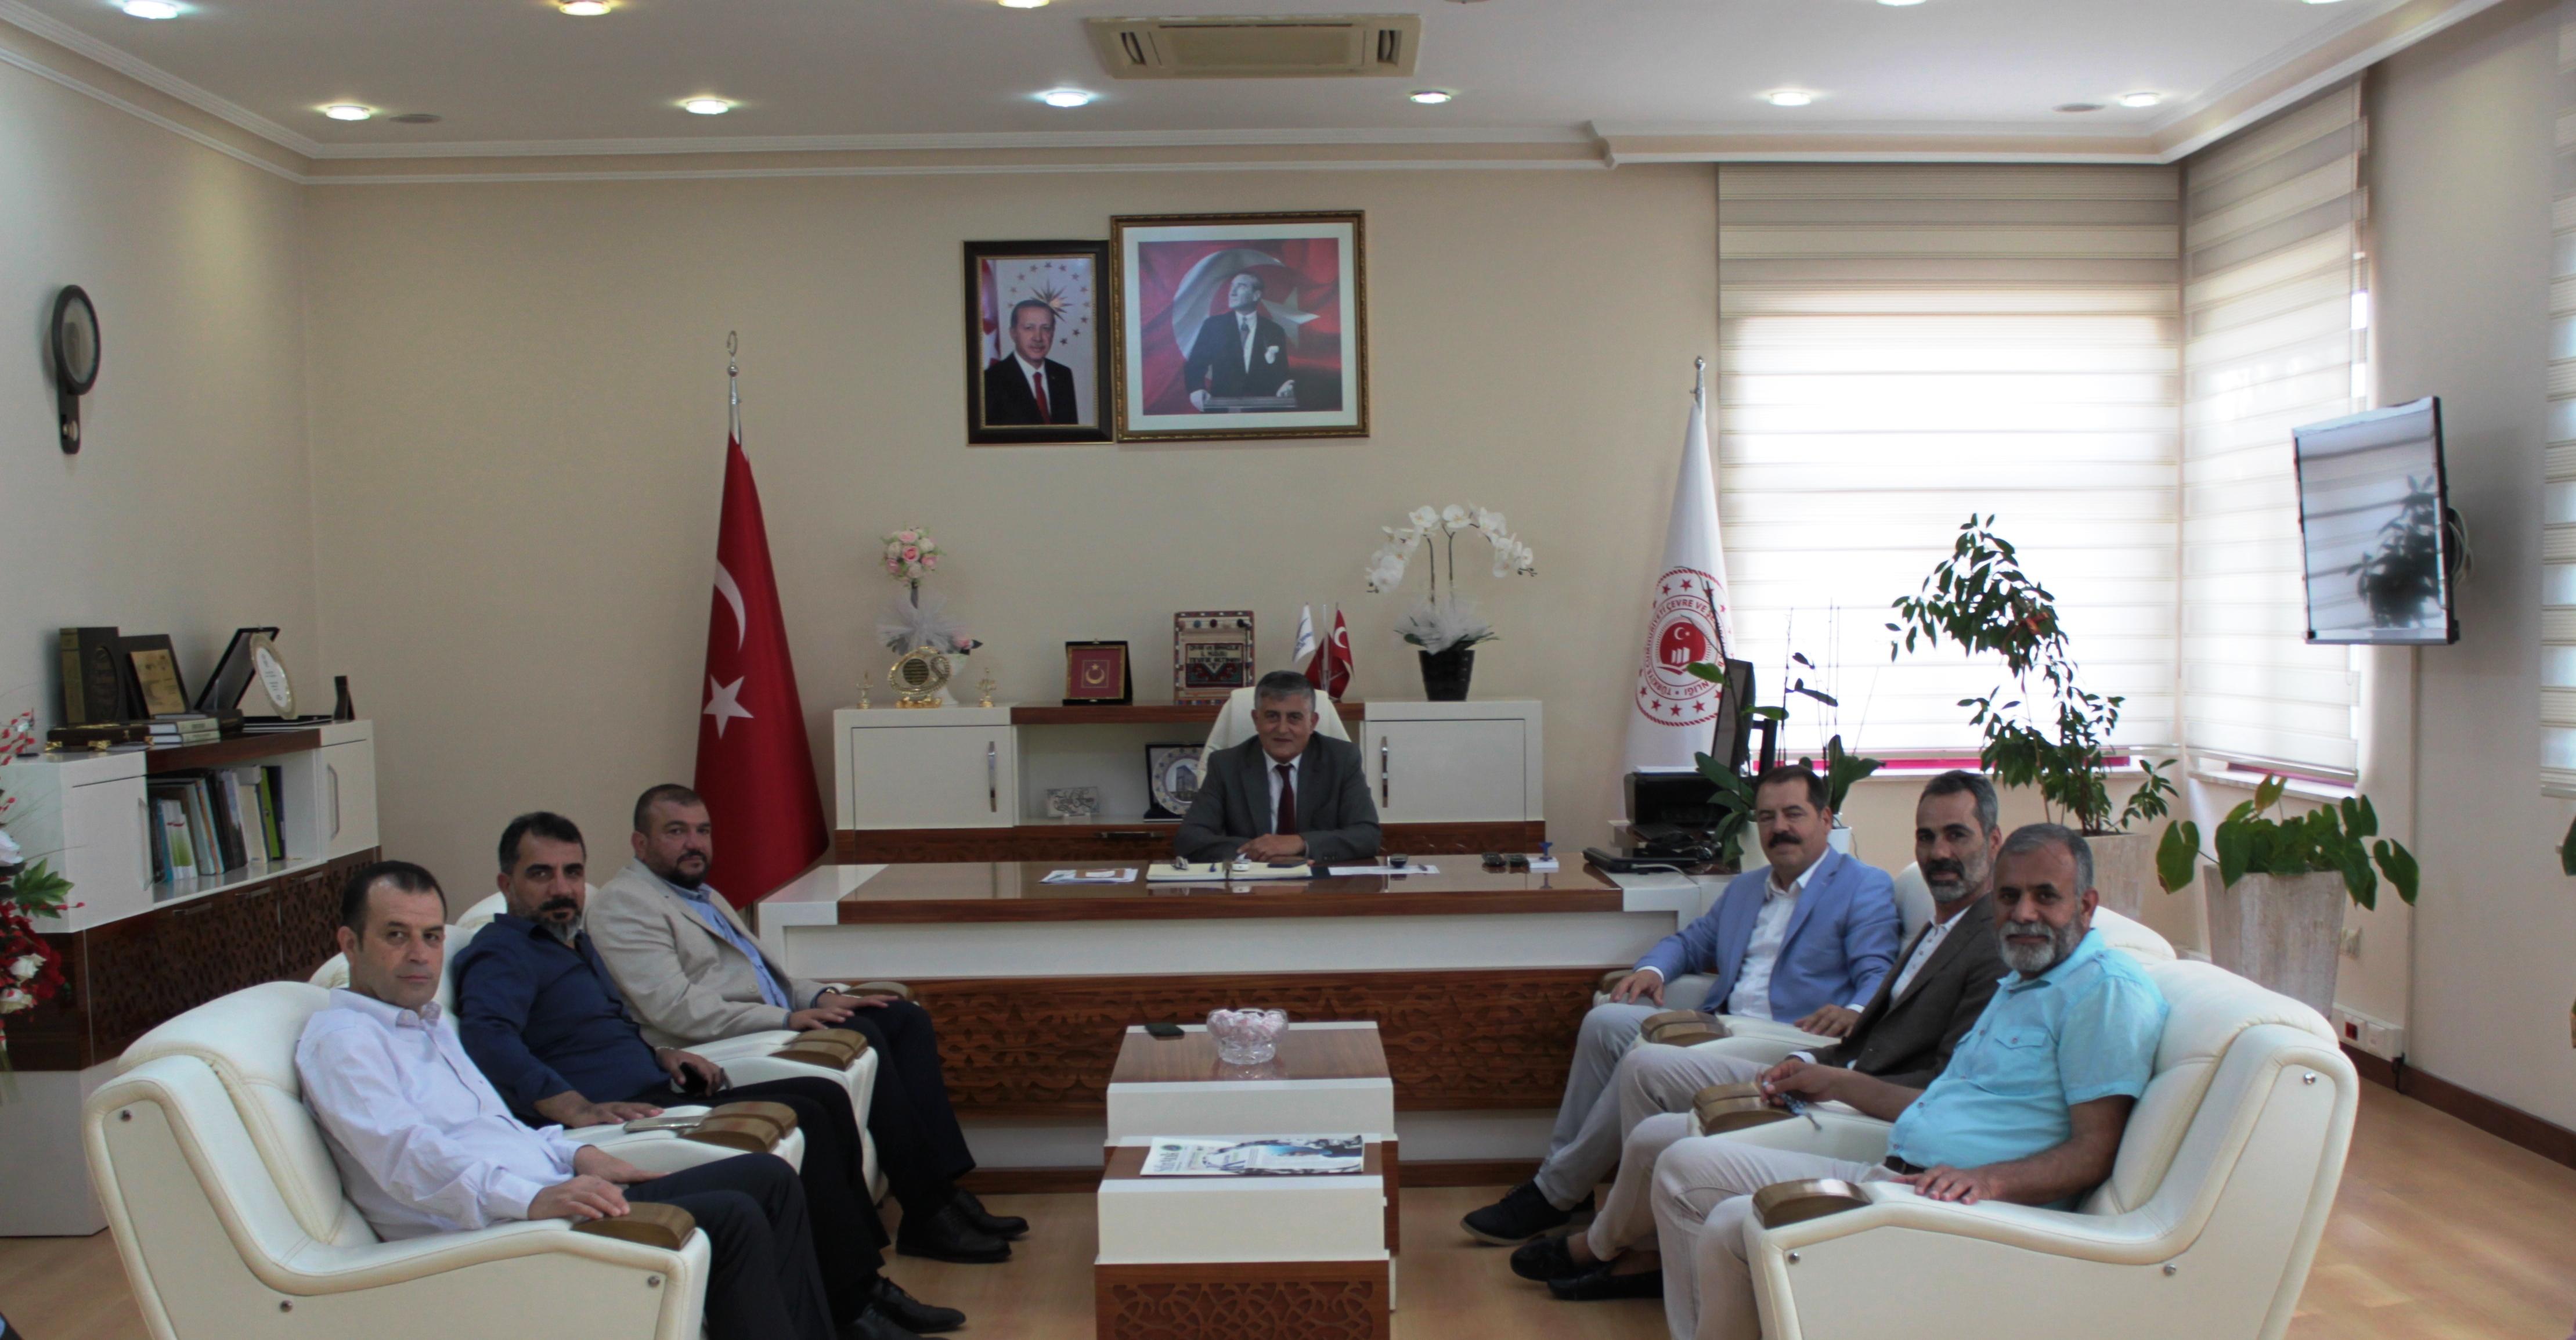 Antalya Doğu ve Güneydoğu İşadamları Derneği Yöneticileri İl Müdürümüzü ziyaret etti.